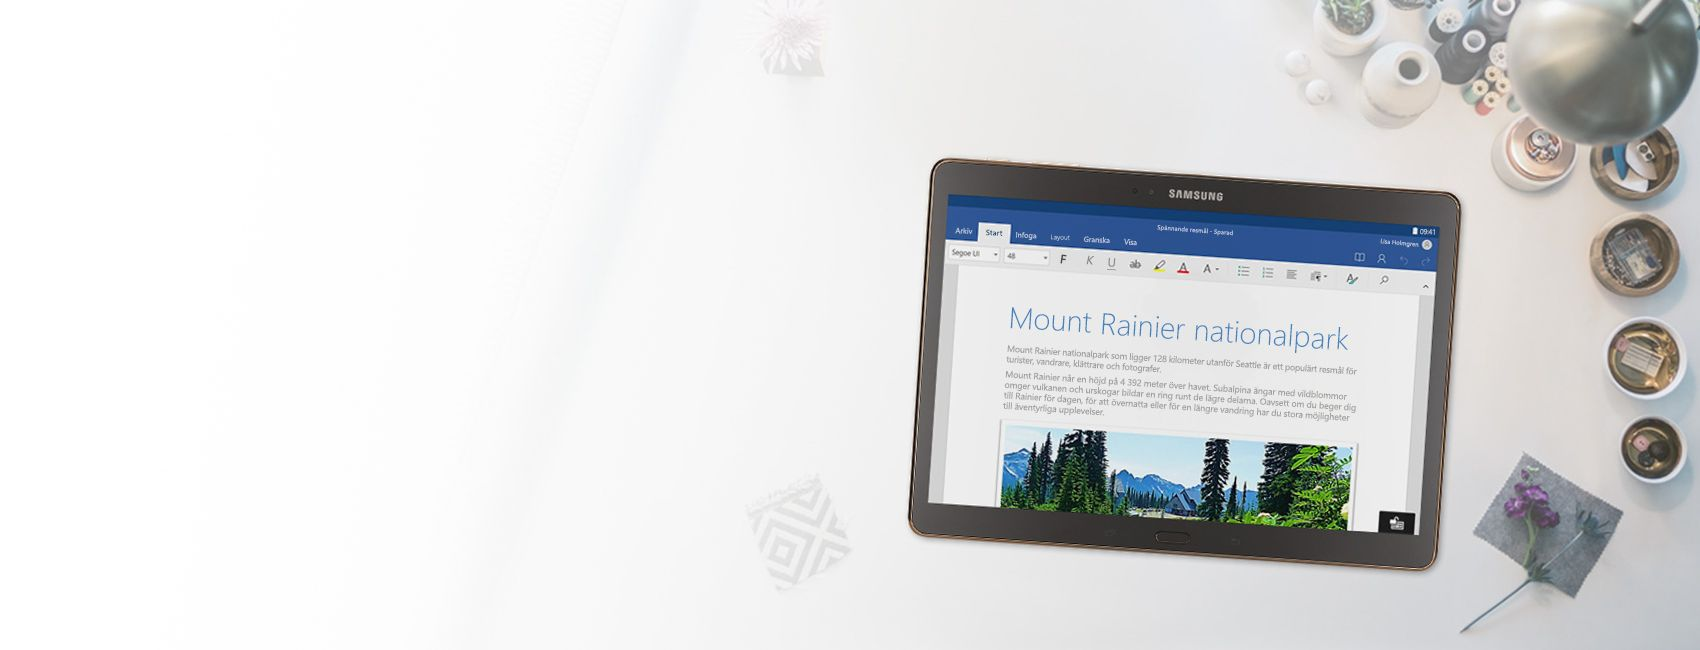 En surfplatta med ett Word-dokument om Mount Rainier National Park